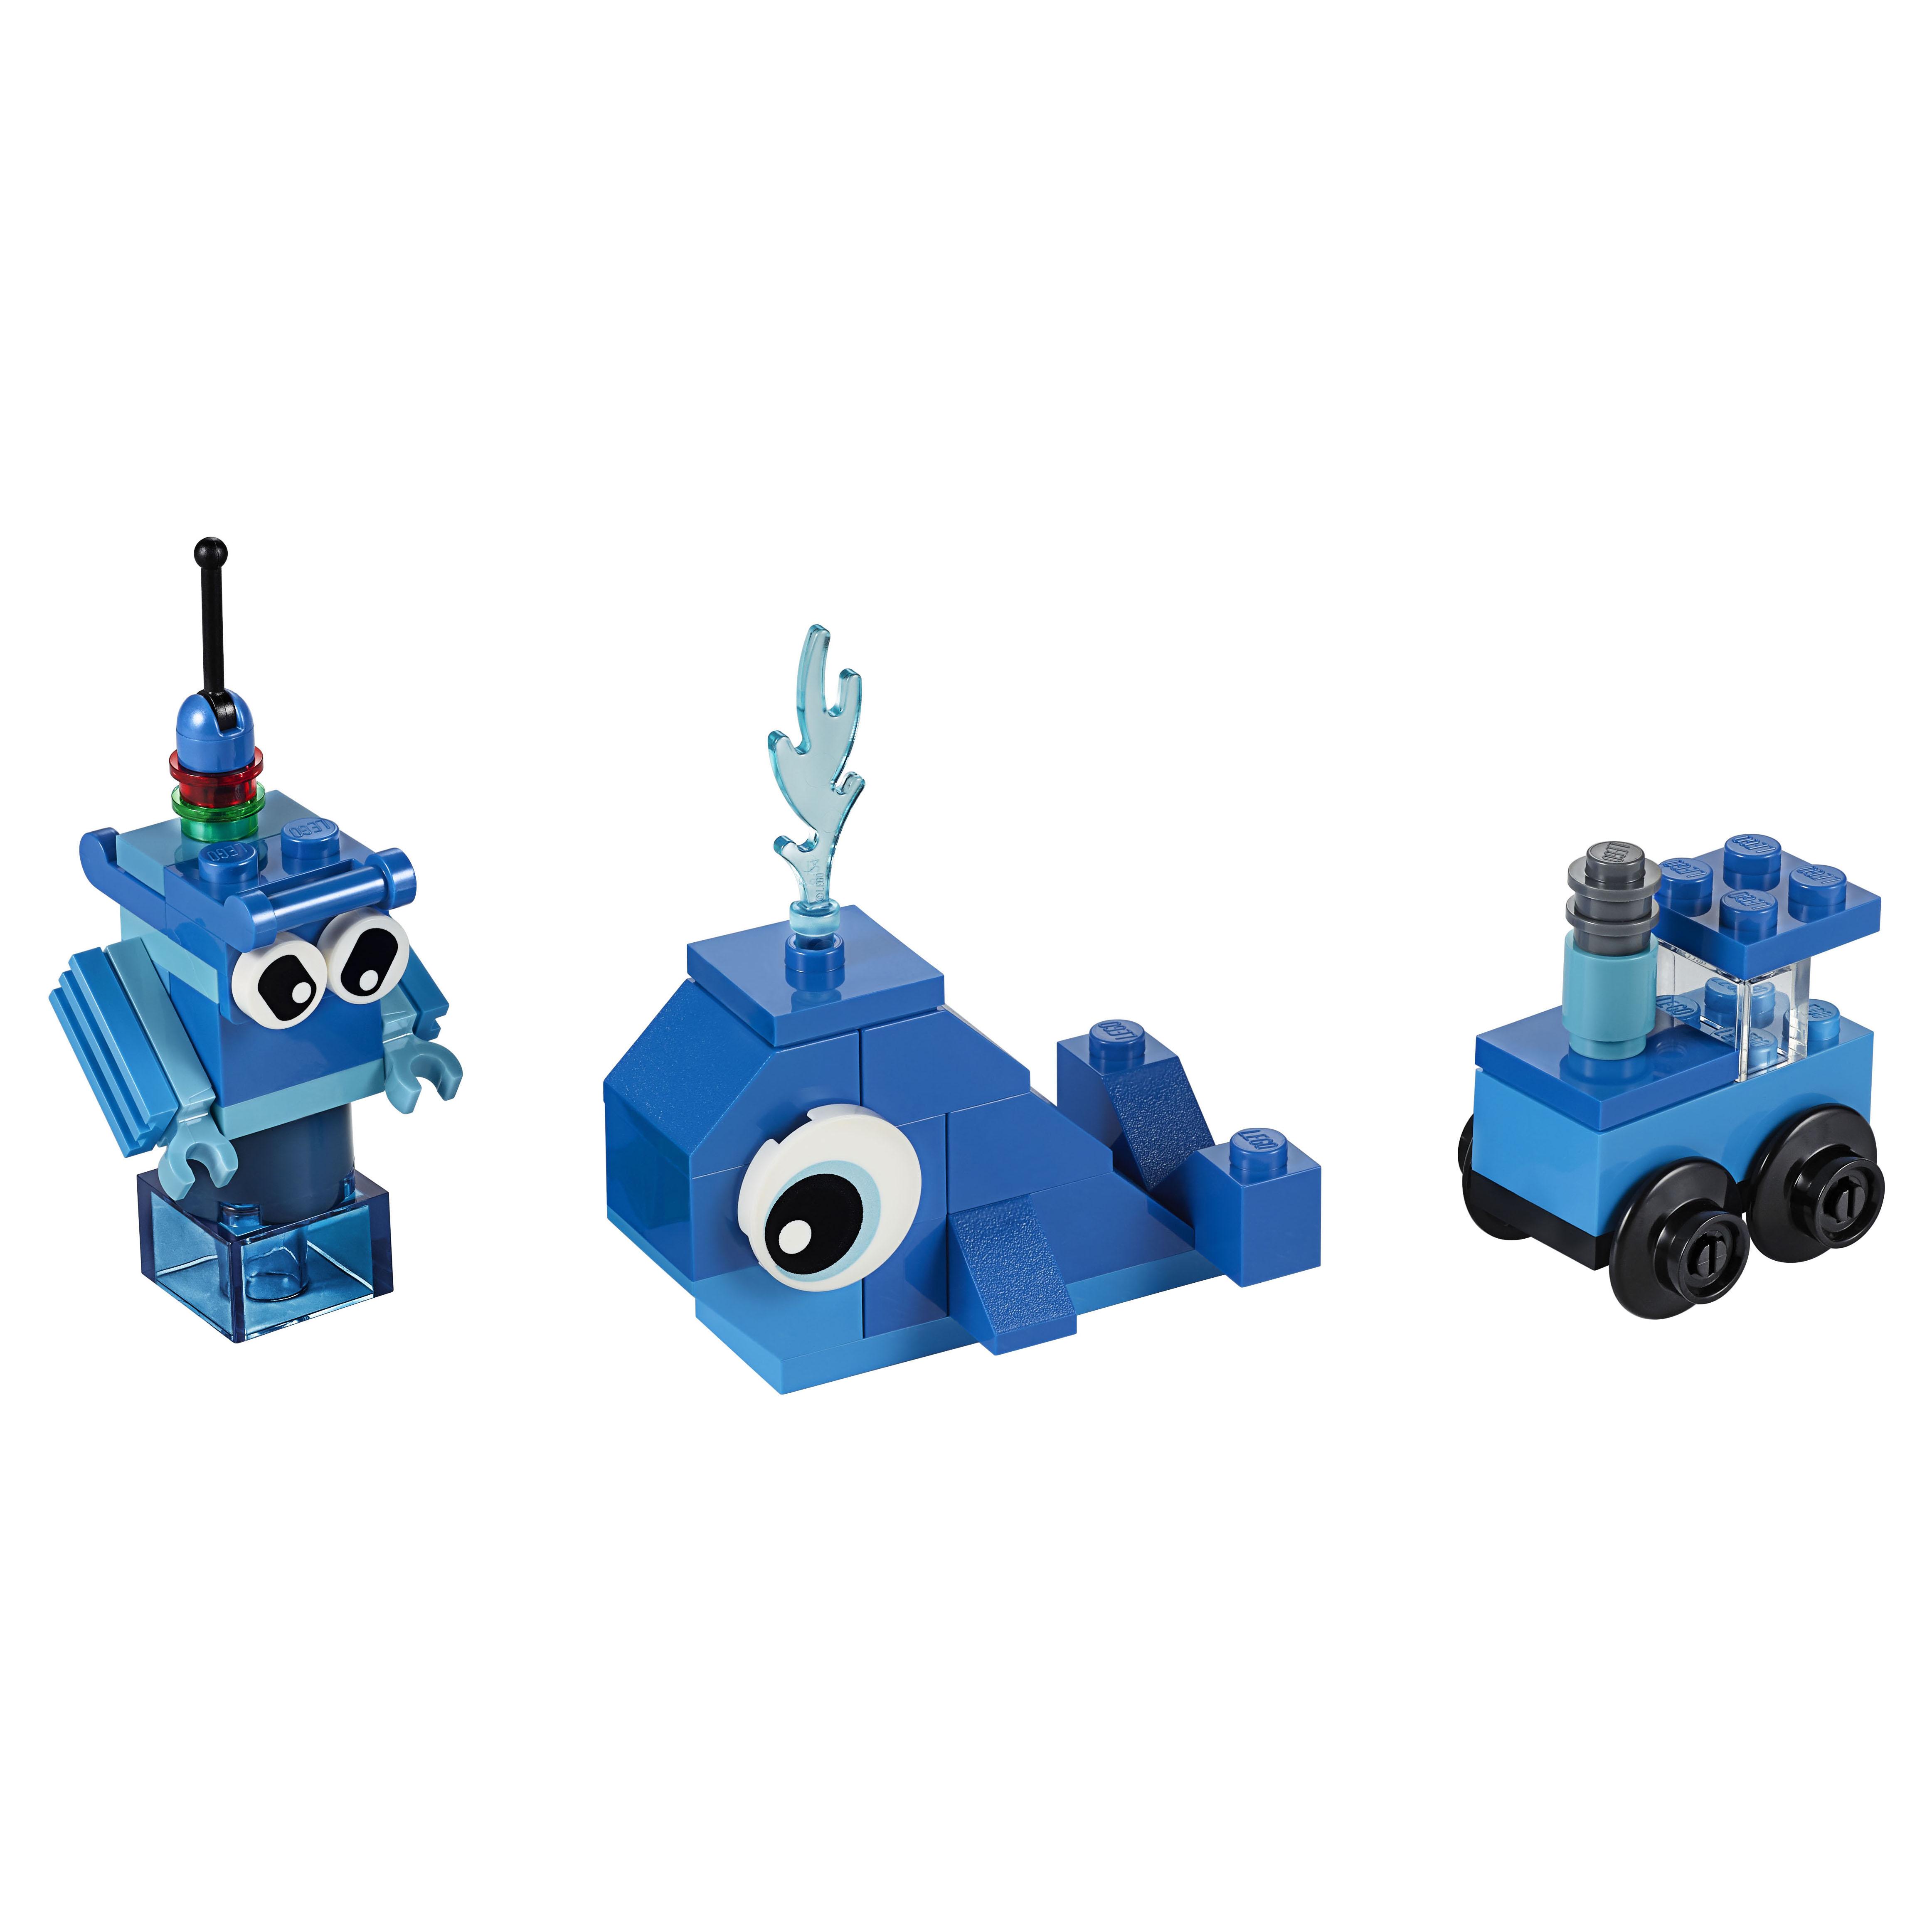 Конструктор LEGO Classic 11006 Синий набор для конструирования